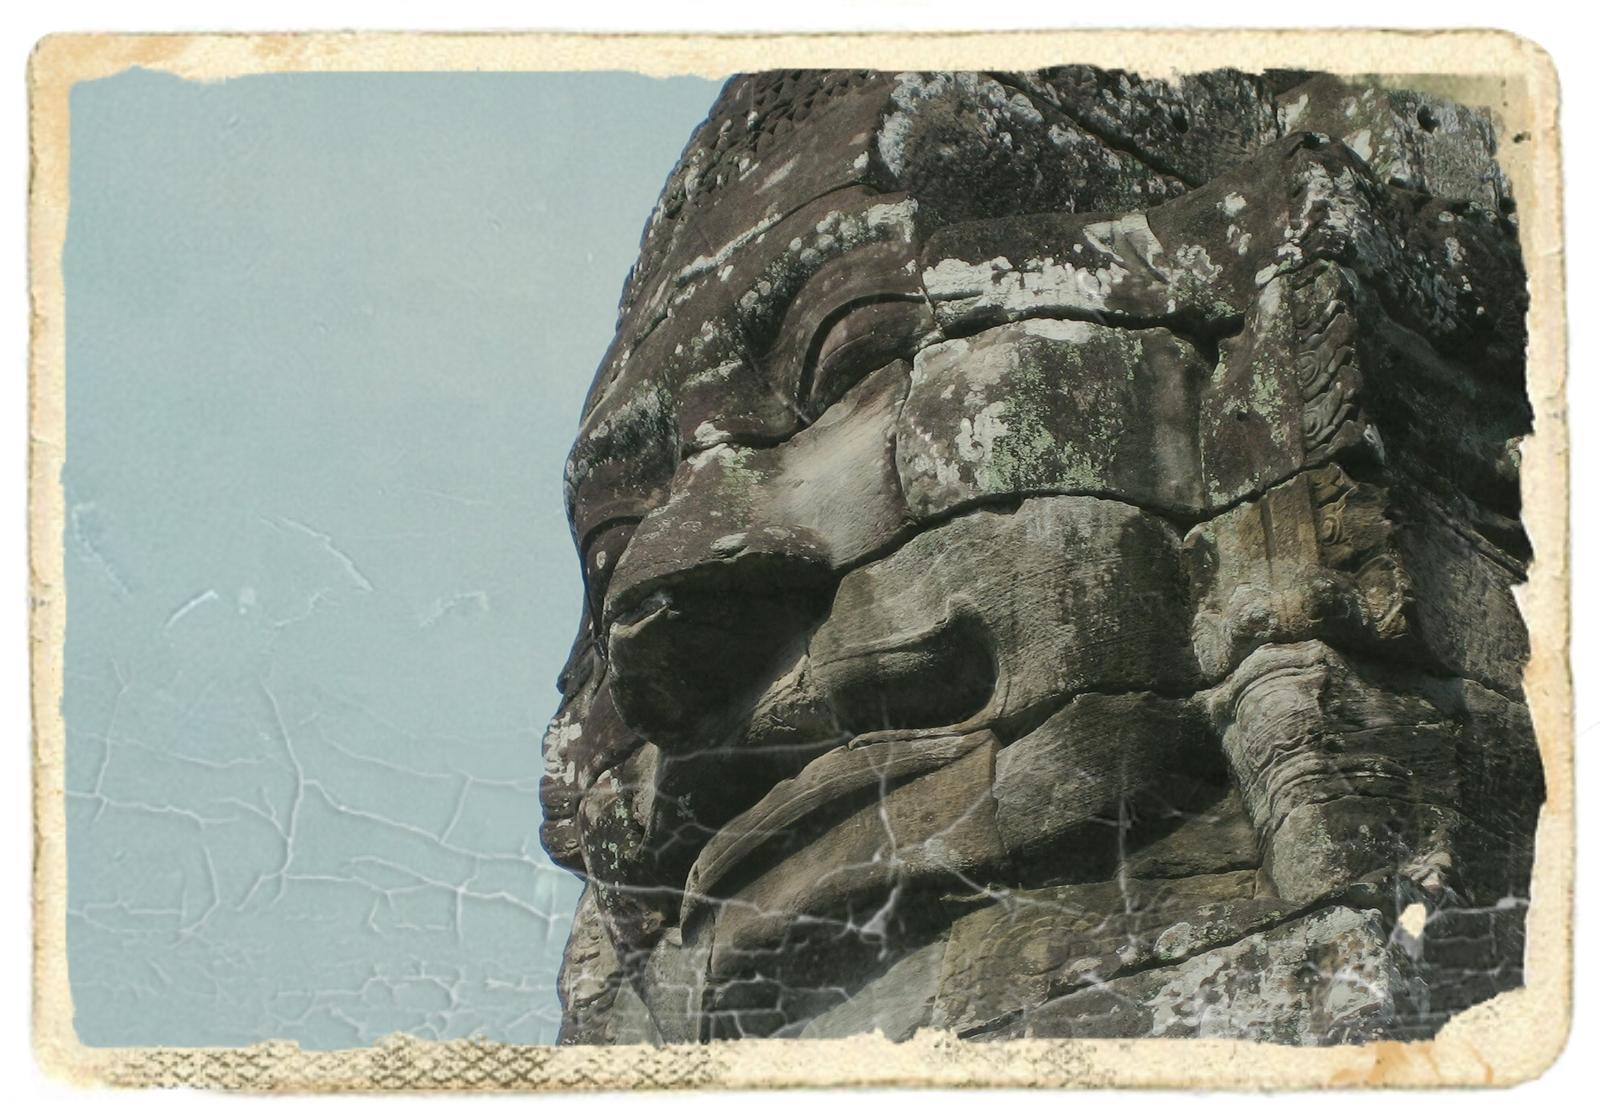 【ひとり旅】ベトナム観光。 水上の民とのふれあい。現地の写真をアップしてみた。⑥